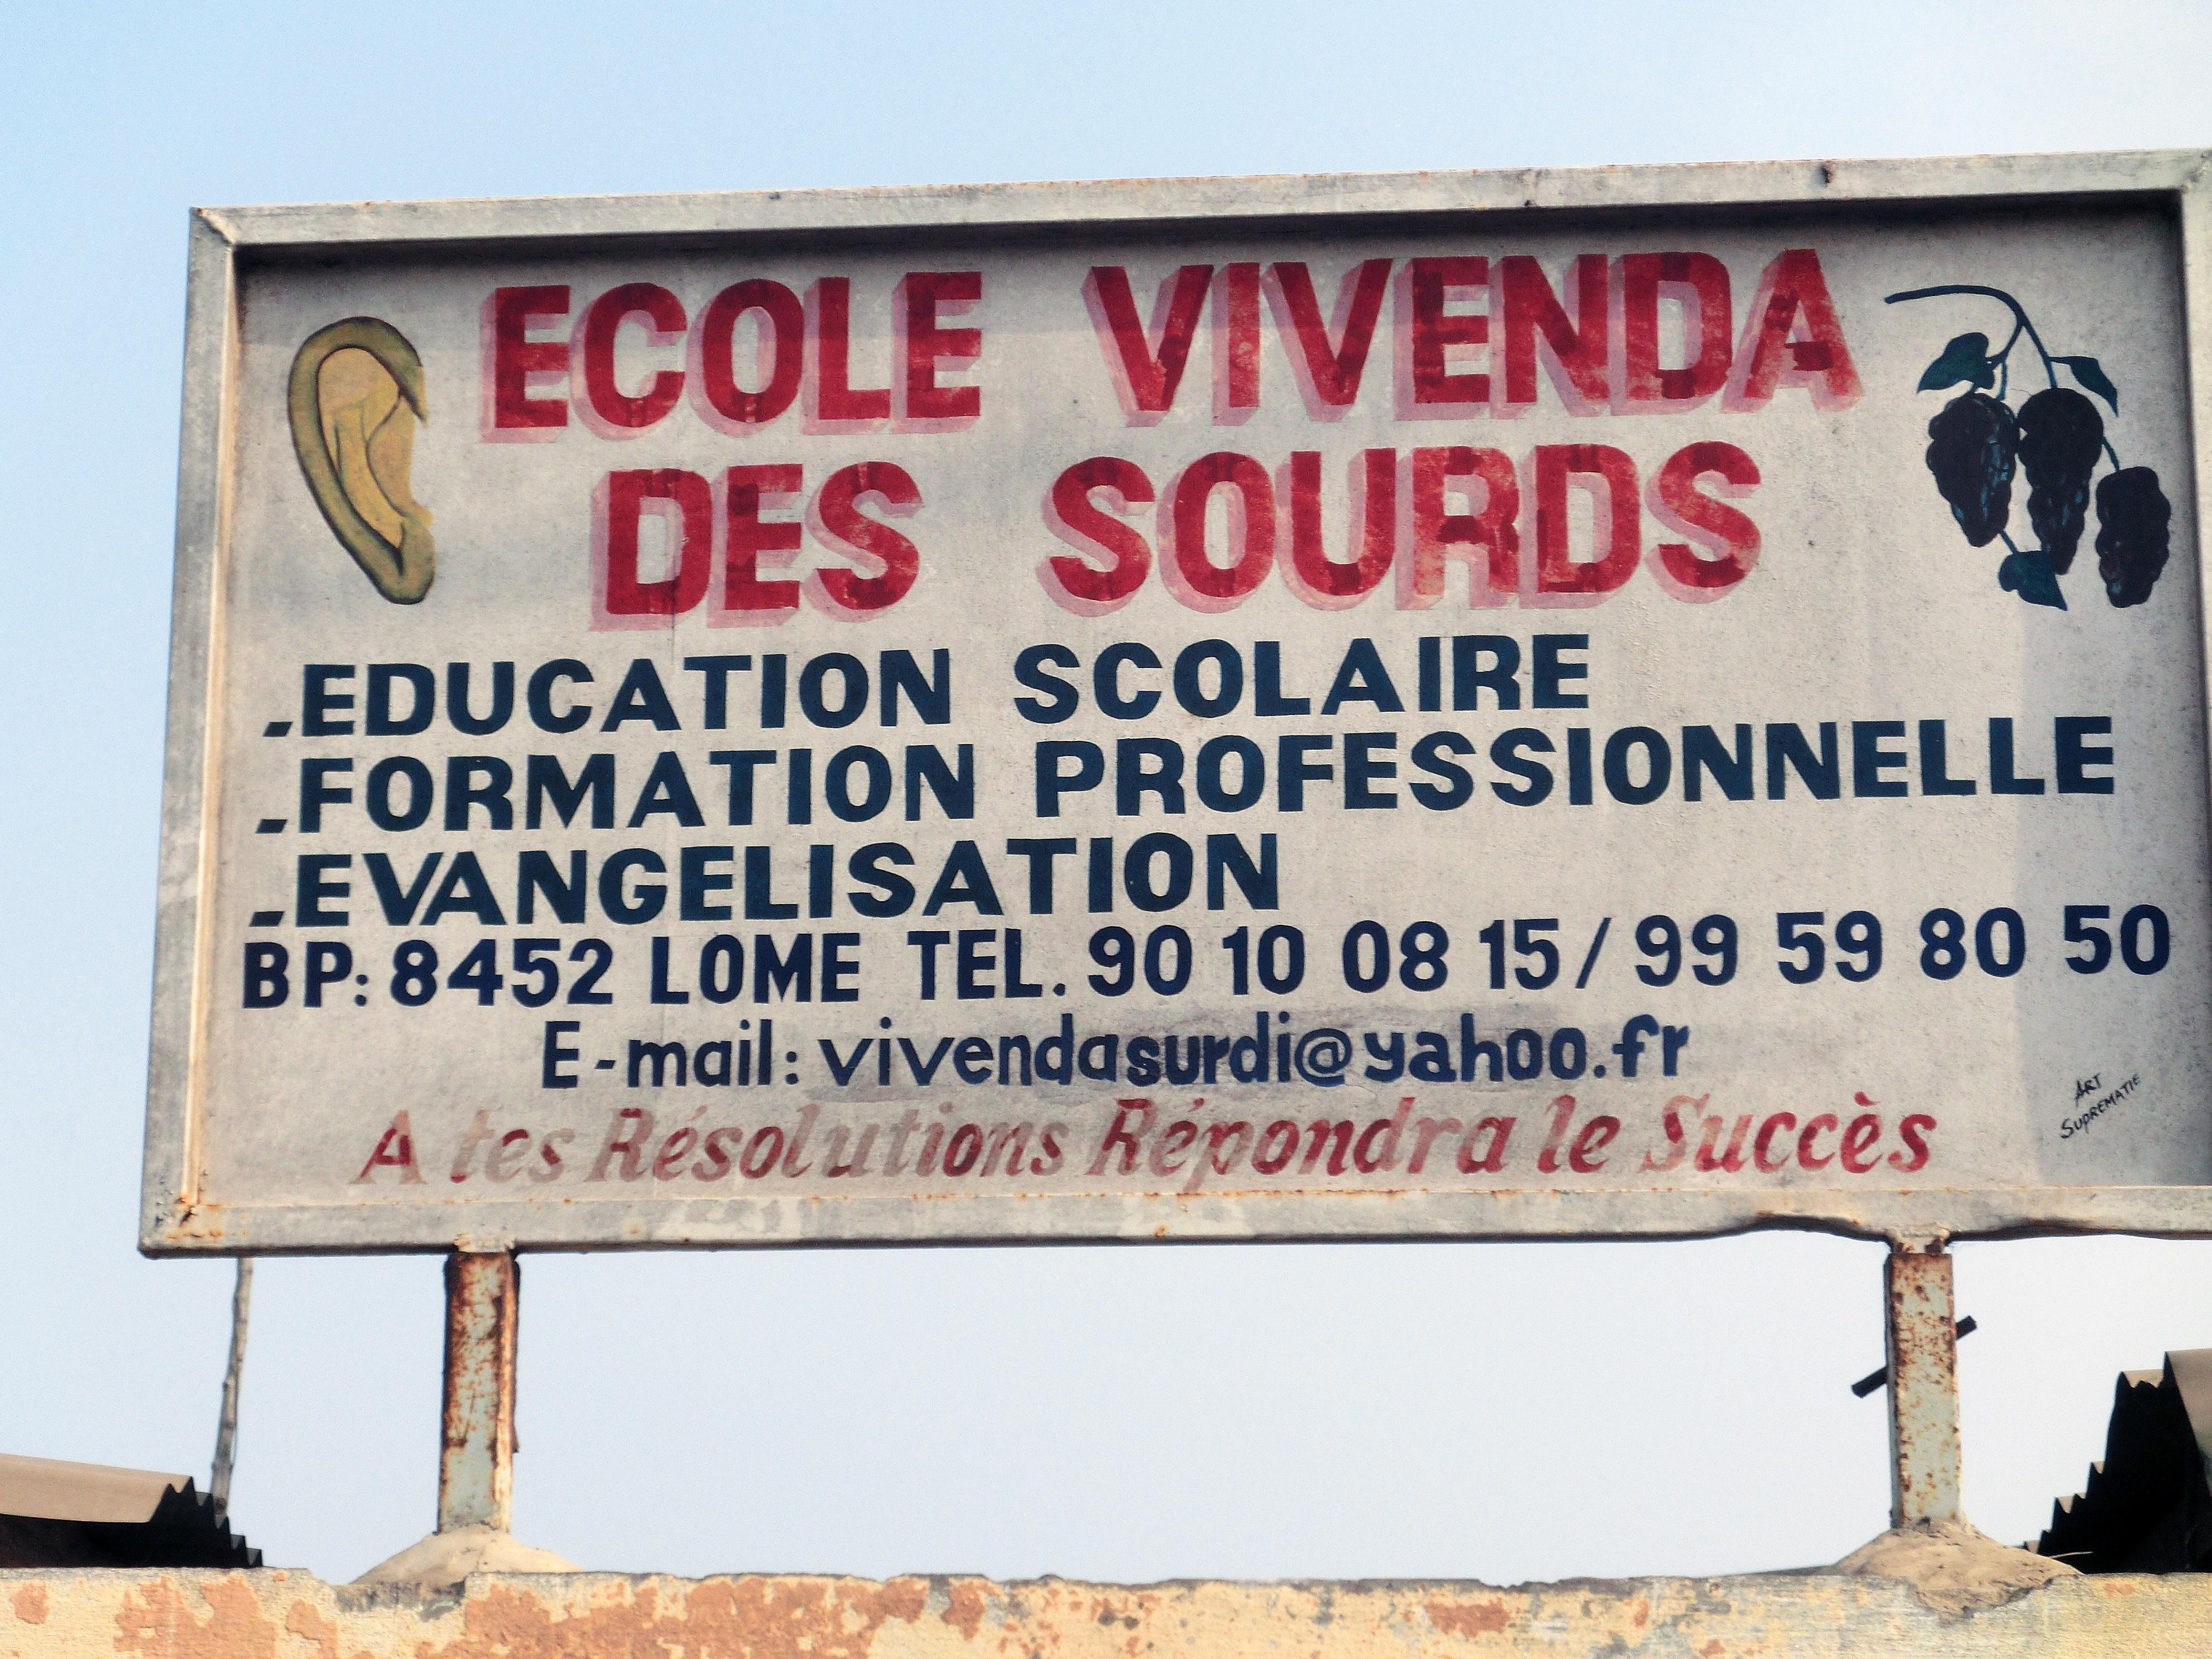 16-02-Lydia-Ludic-Togo-Lomé-CSR-Social-cantine-vivenda-ecole-sourds (12)